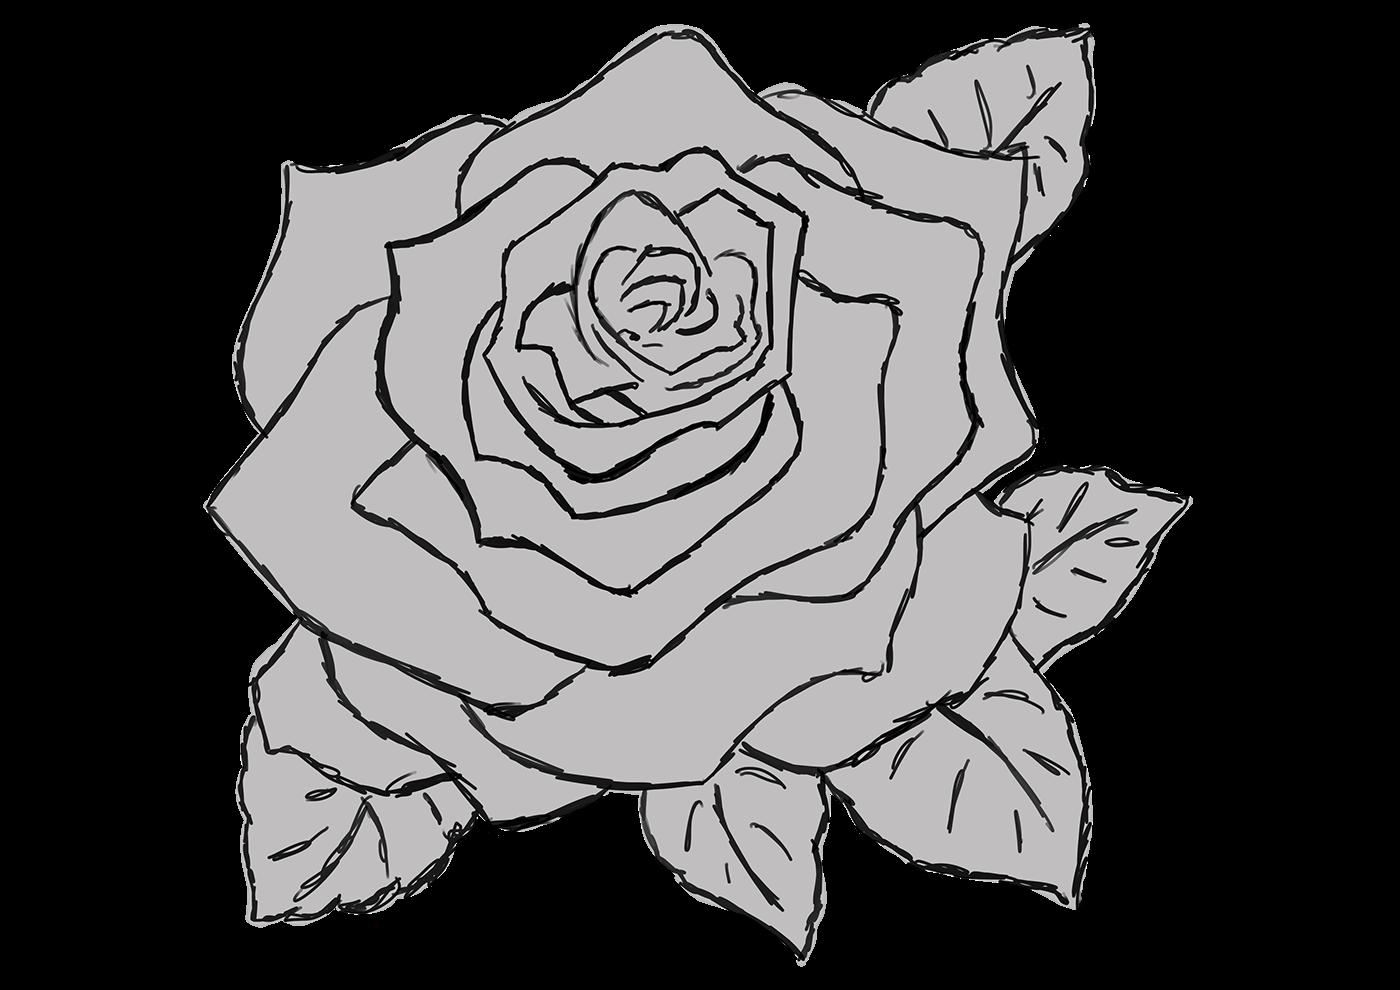 精緻的19款玫瑰花水彩素描欣賞